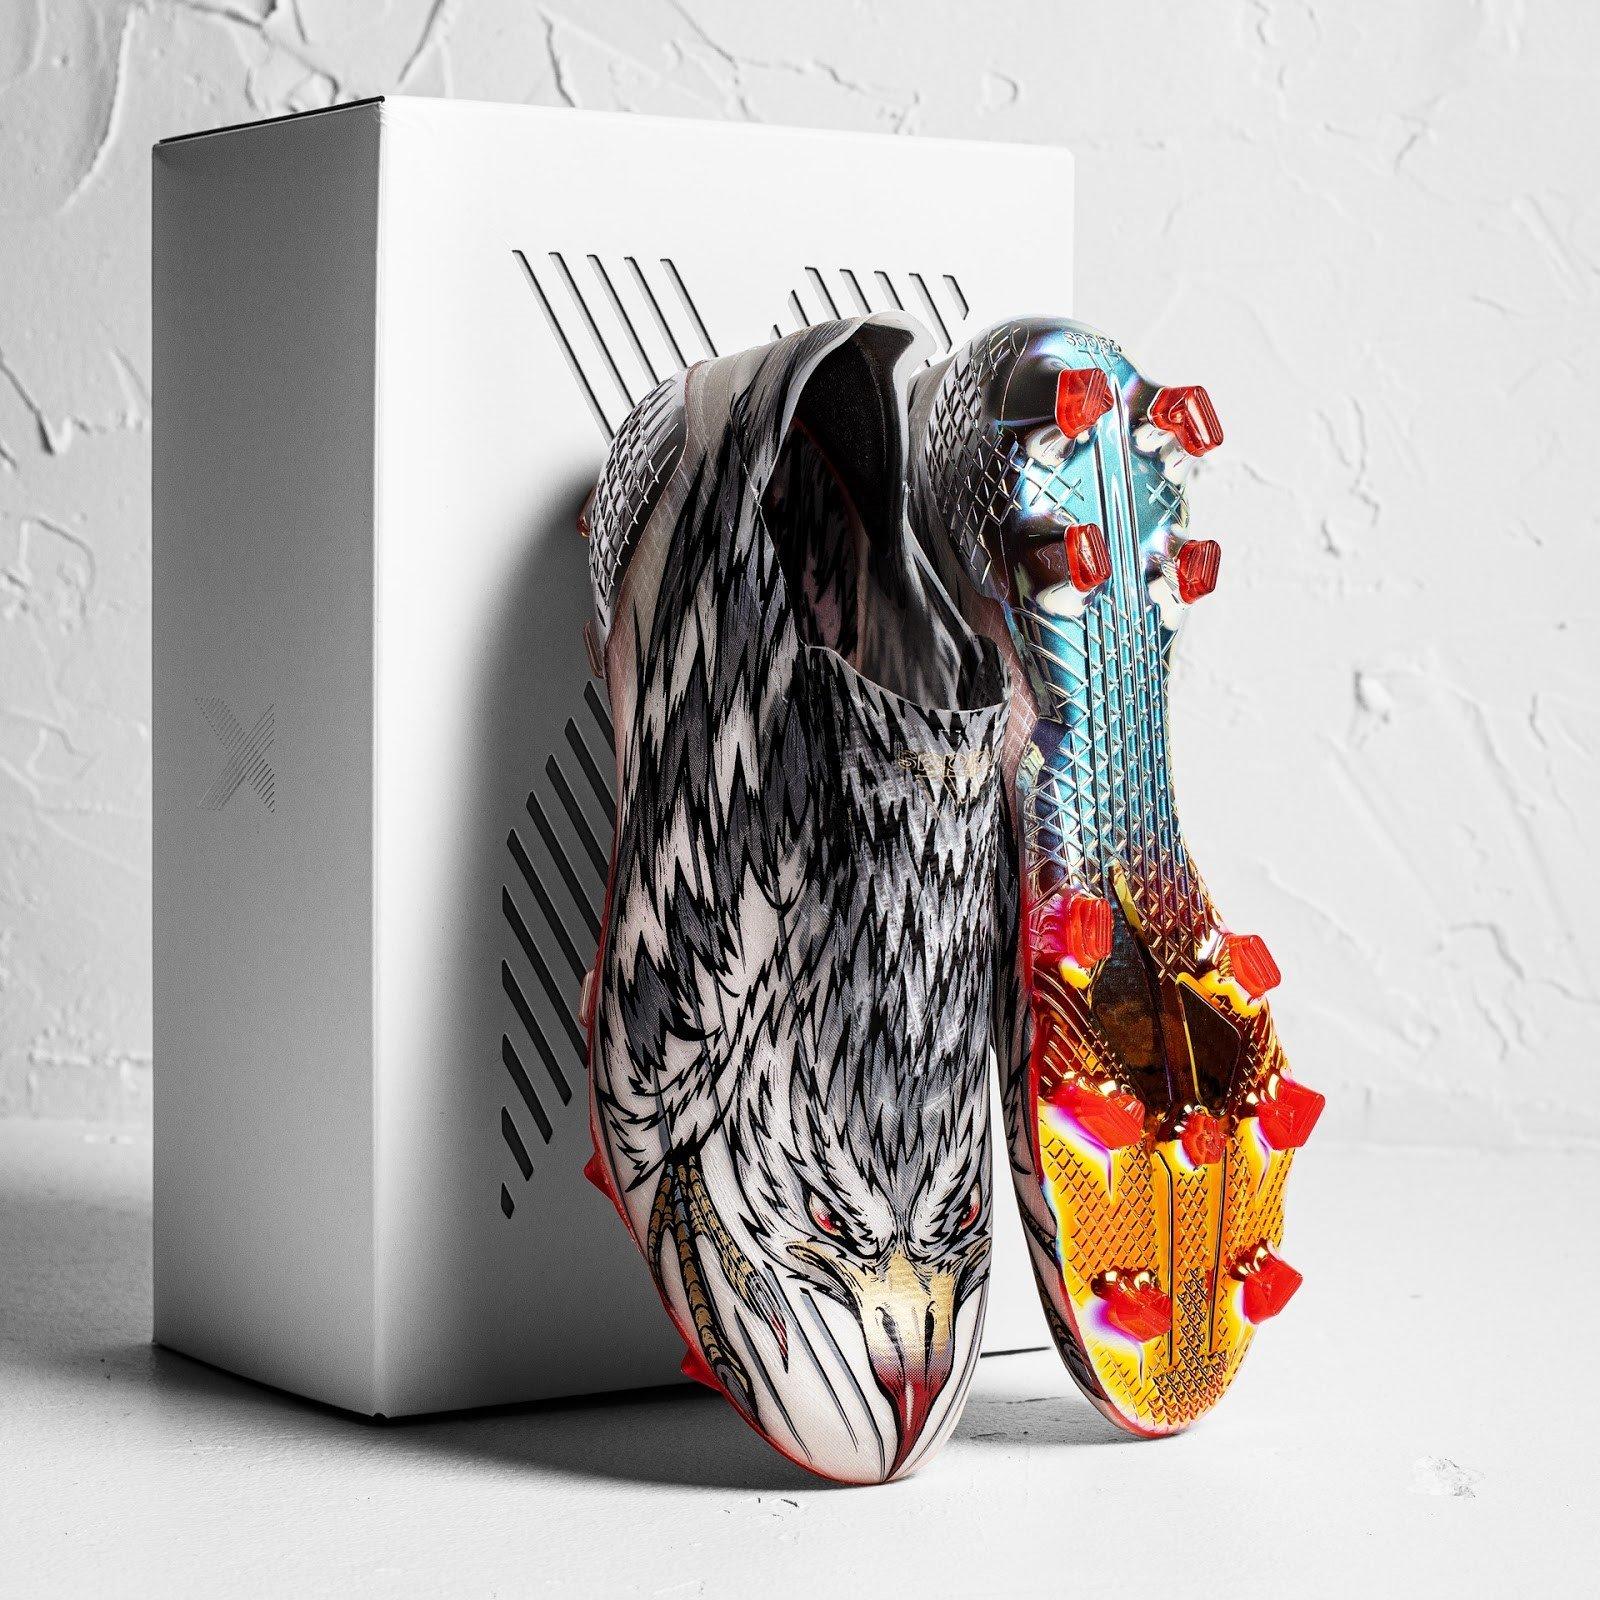 Adidas X Ghosted+ PF được đại diện bởi Lucas Moura